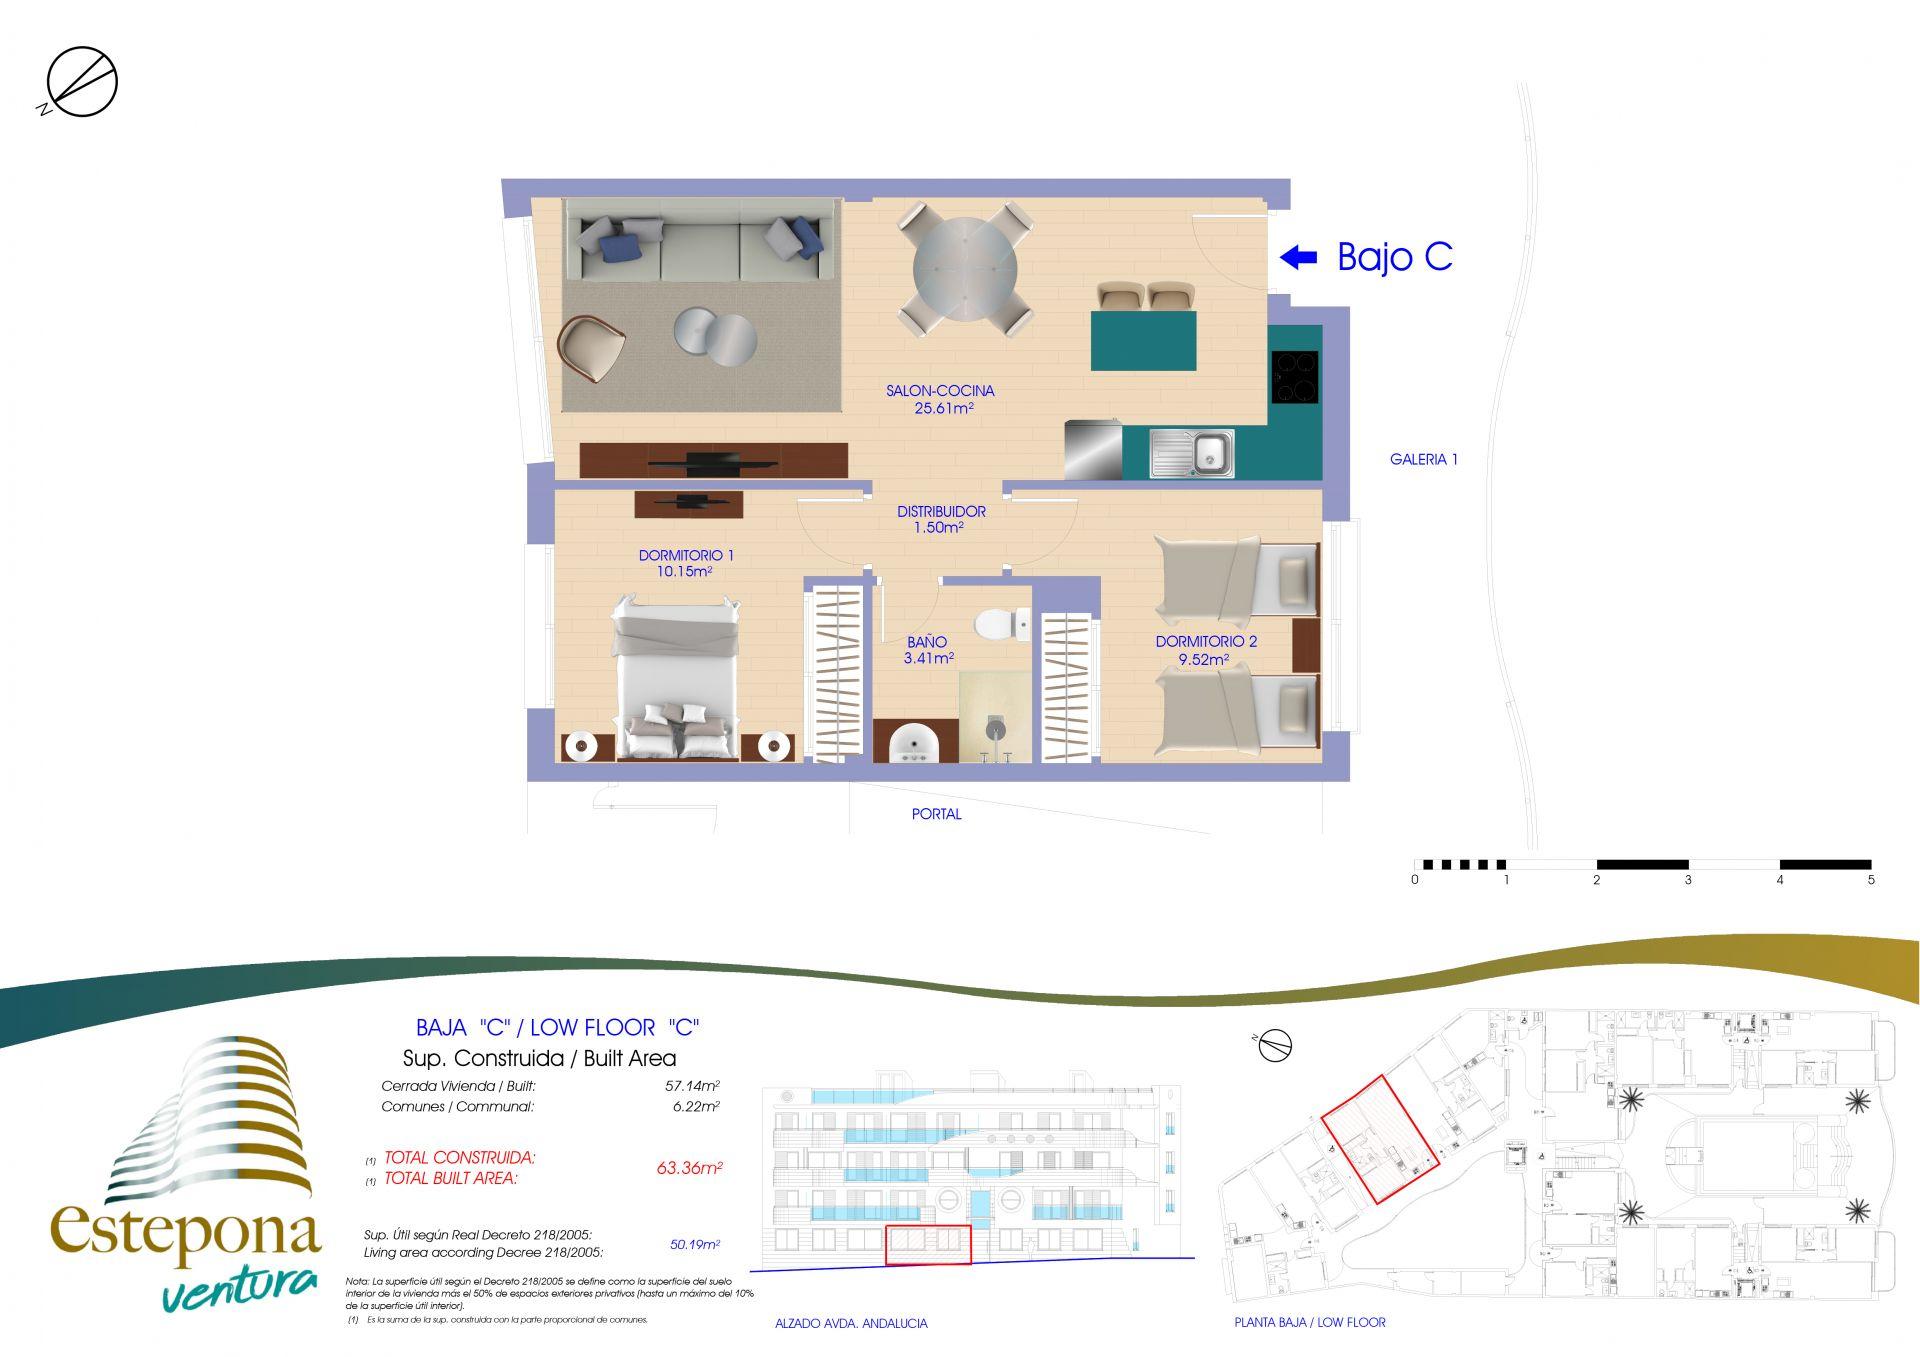 20201221 BAJO C  - Ventura Estepona | Compra de casa en Estepona